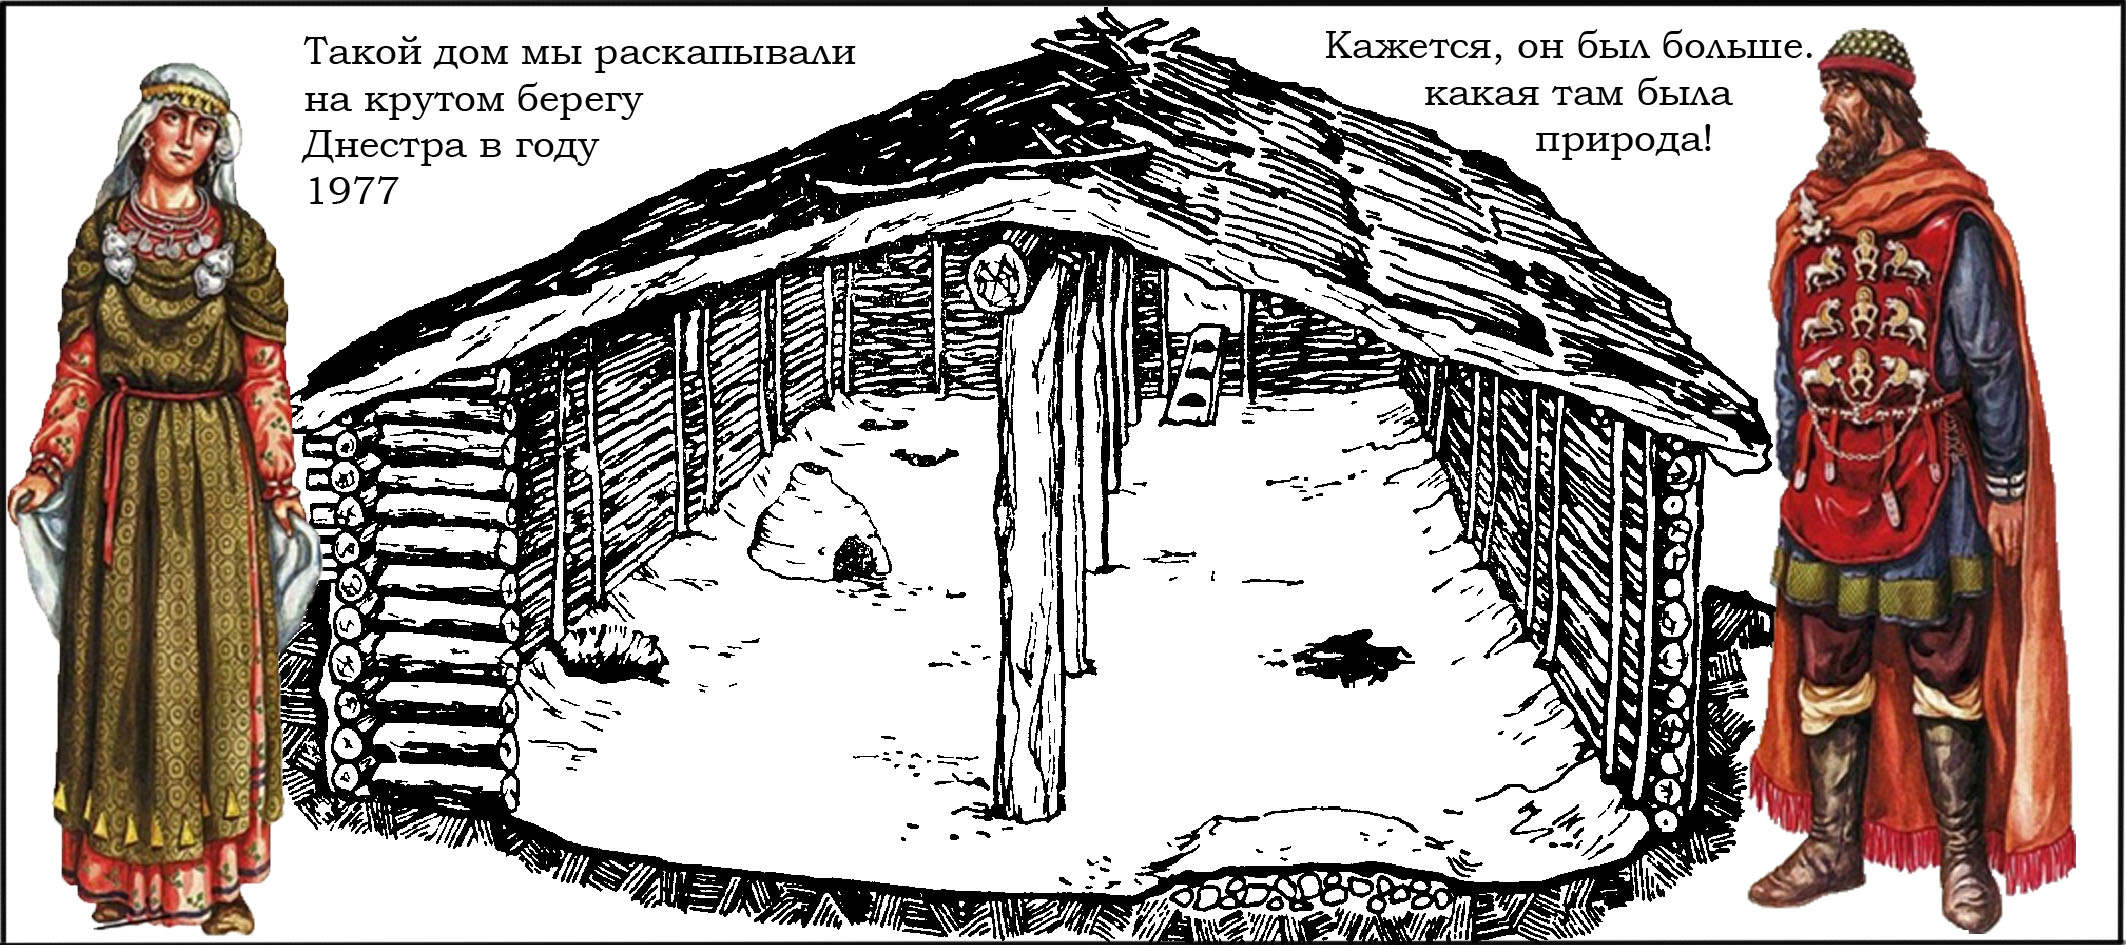 славянский дом.jpg